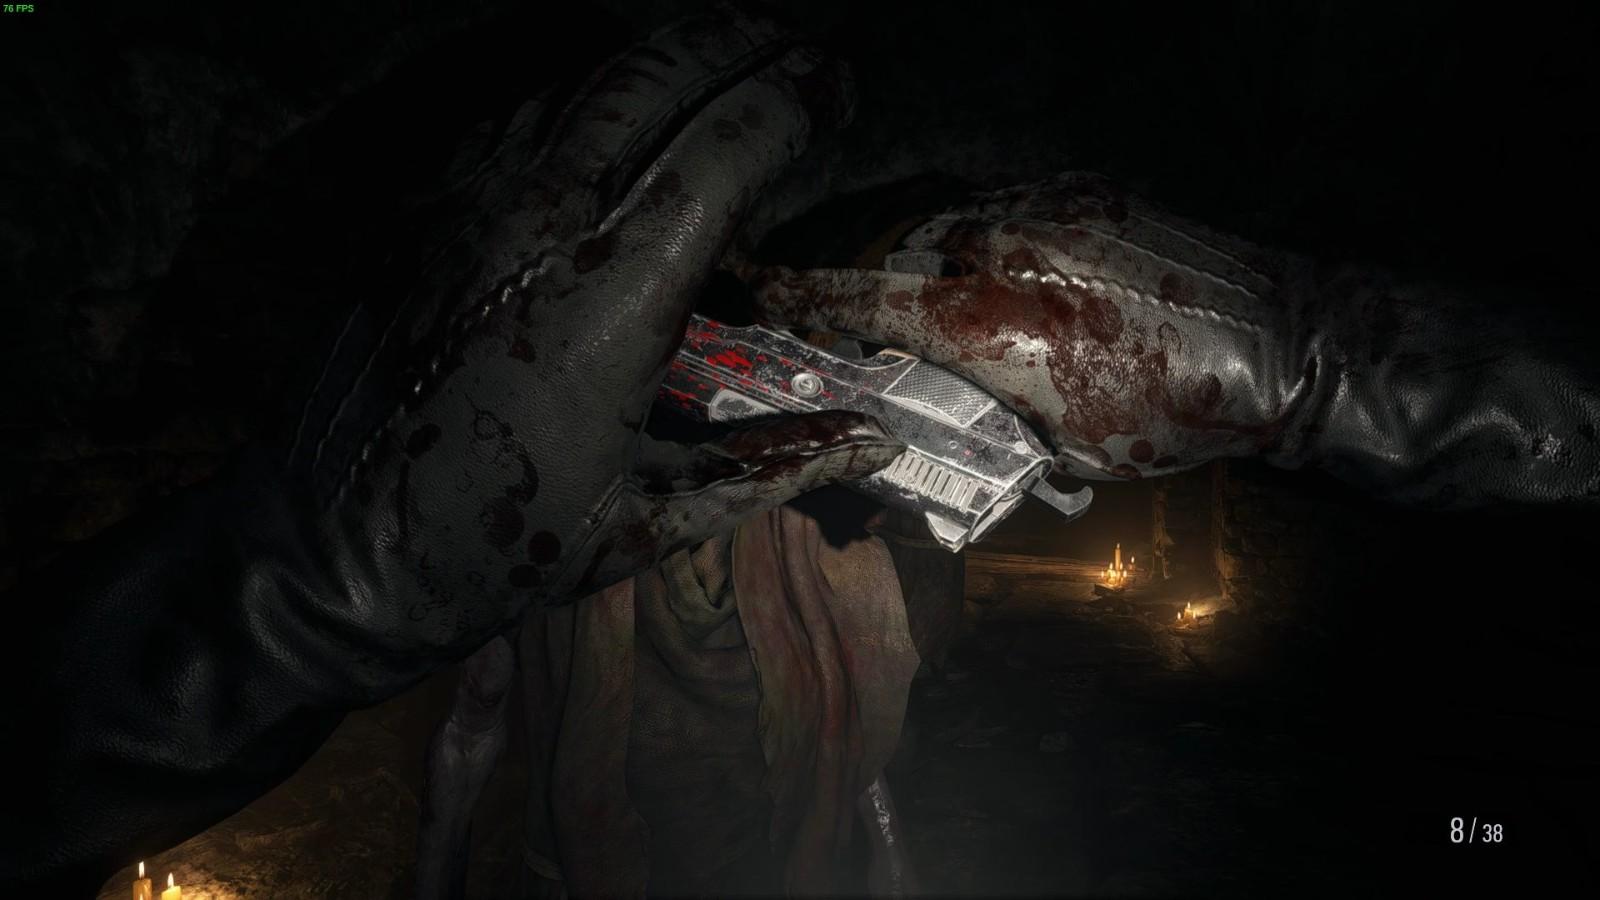 《生化危机8》首批Mod出现 伊森变吸血鬼美女打怪物